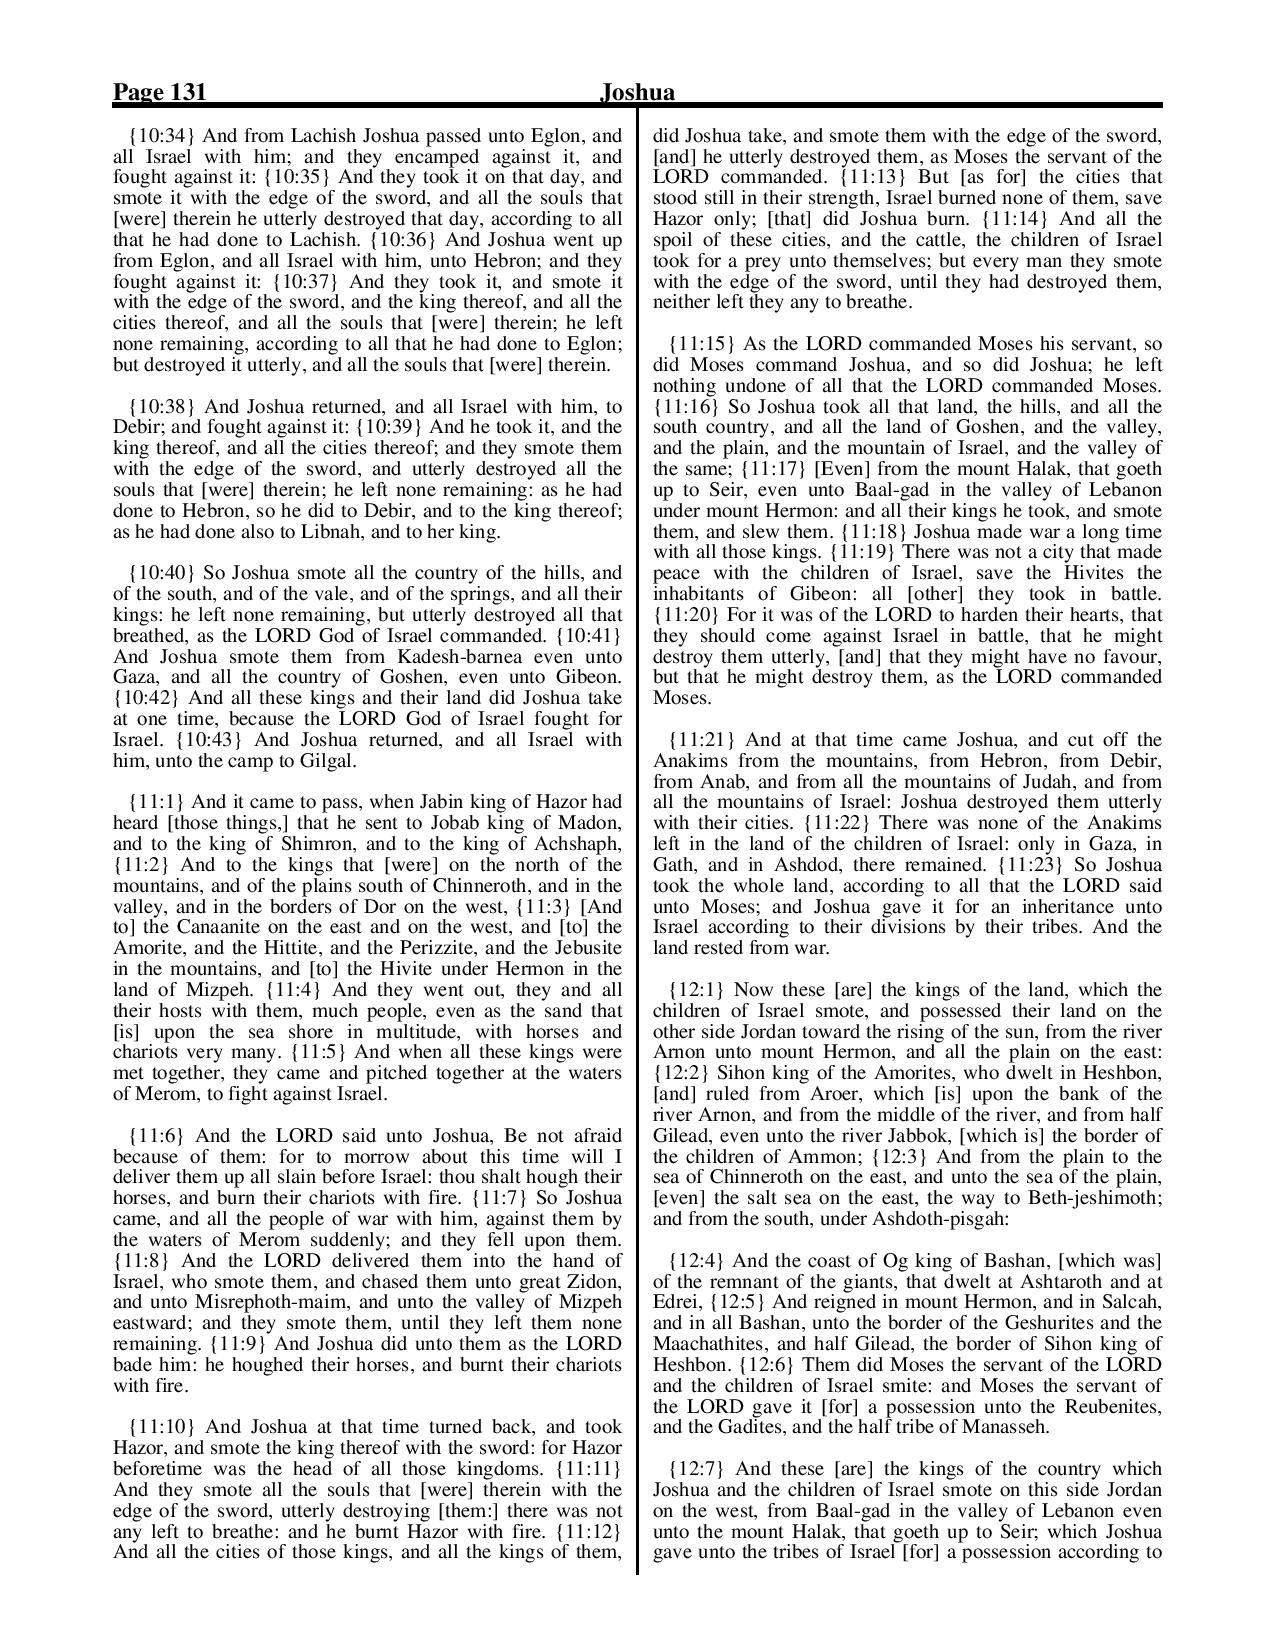 King-James-Bible-KJV-Bible-PDF-page-152